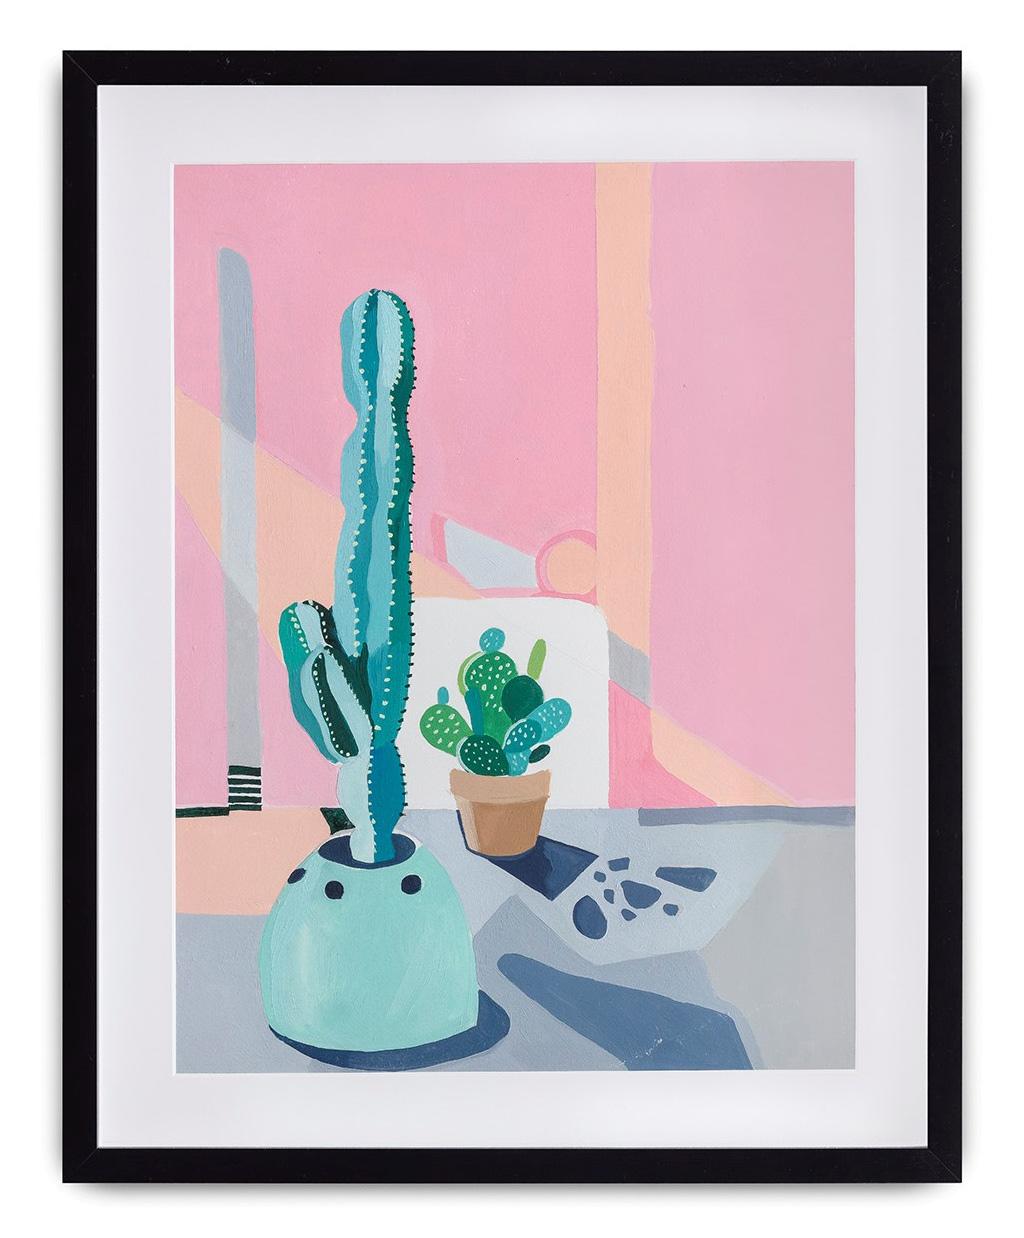 Correto Verde 1 (2018)<br>AcrÍLICA e óleo Sobre tela<br>40x29 cm